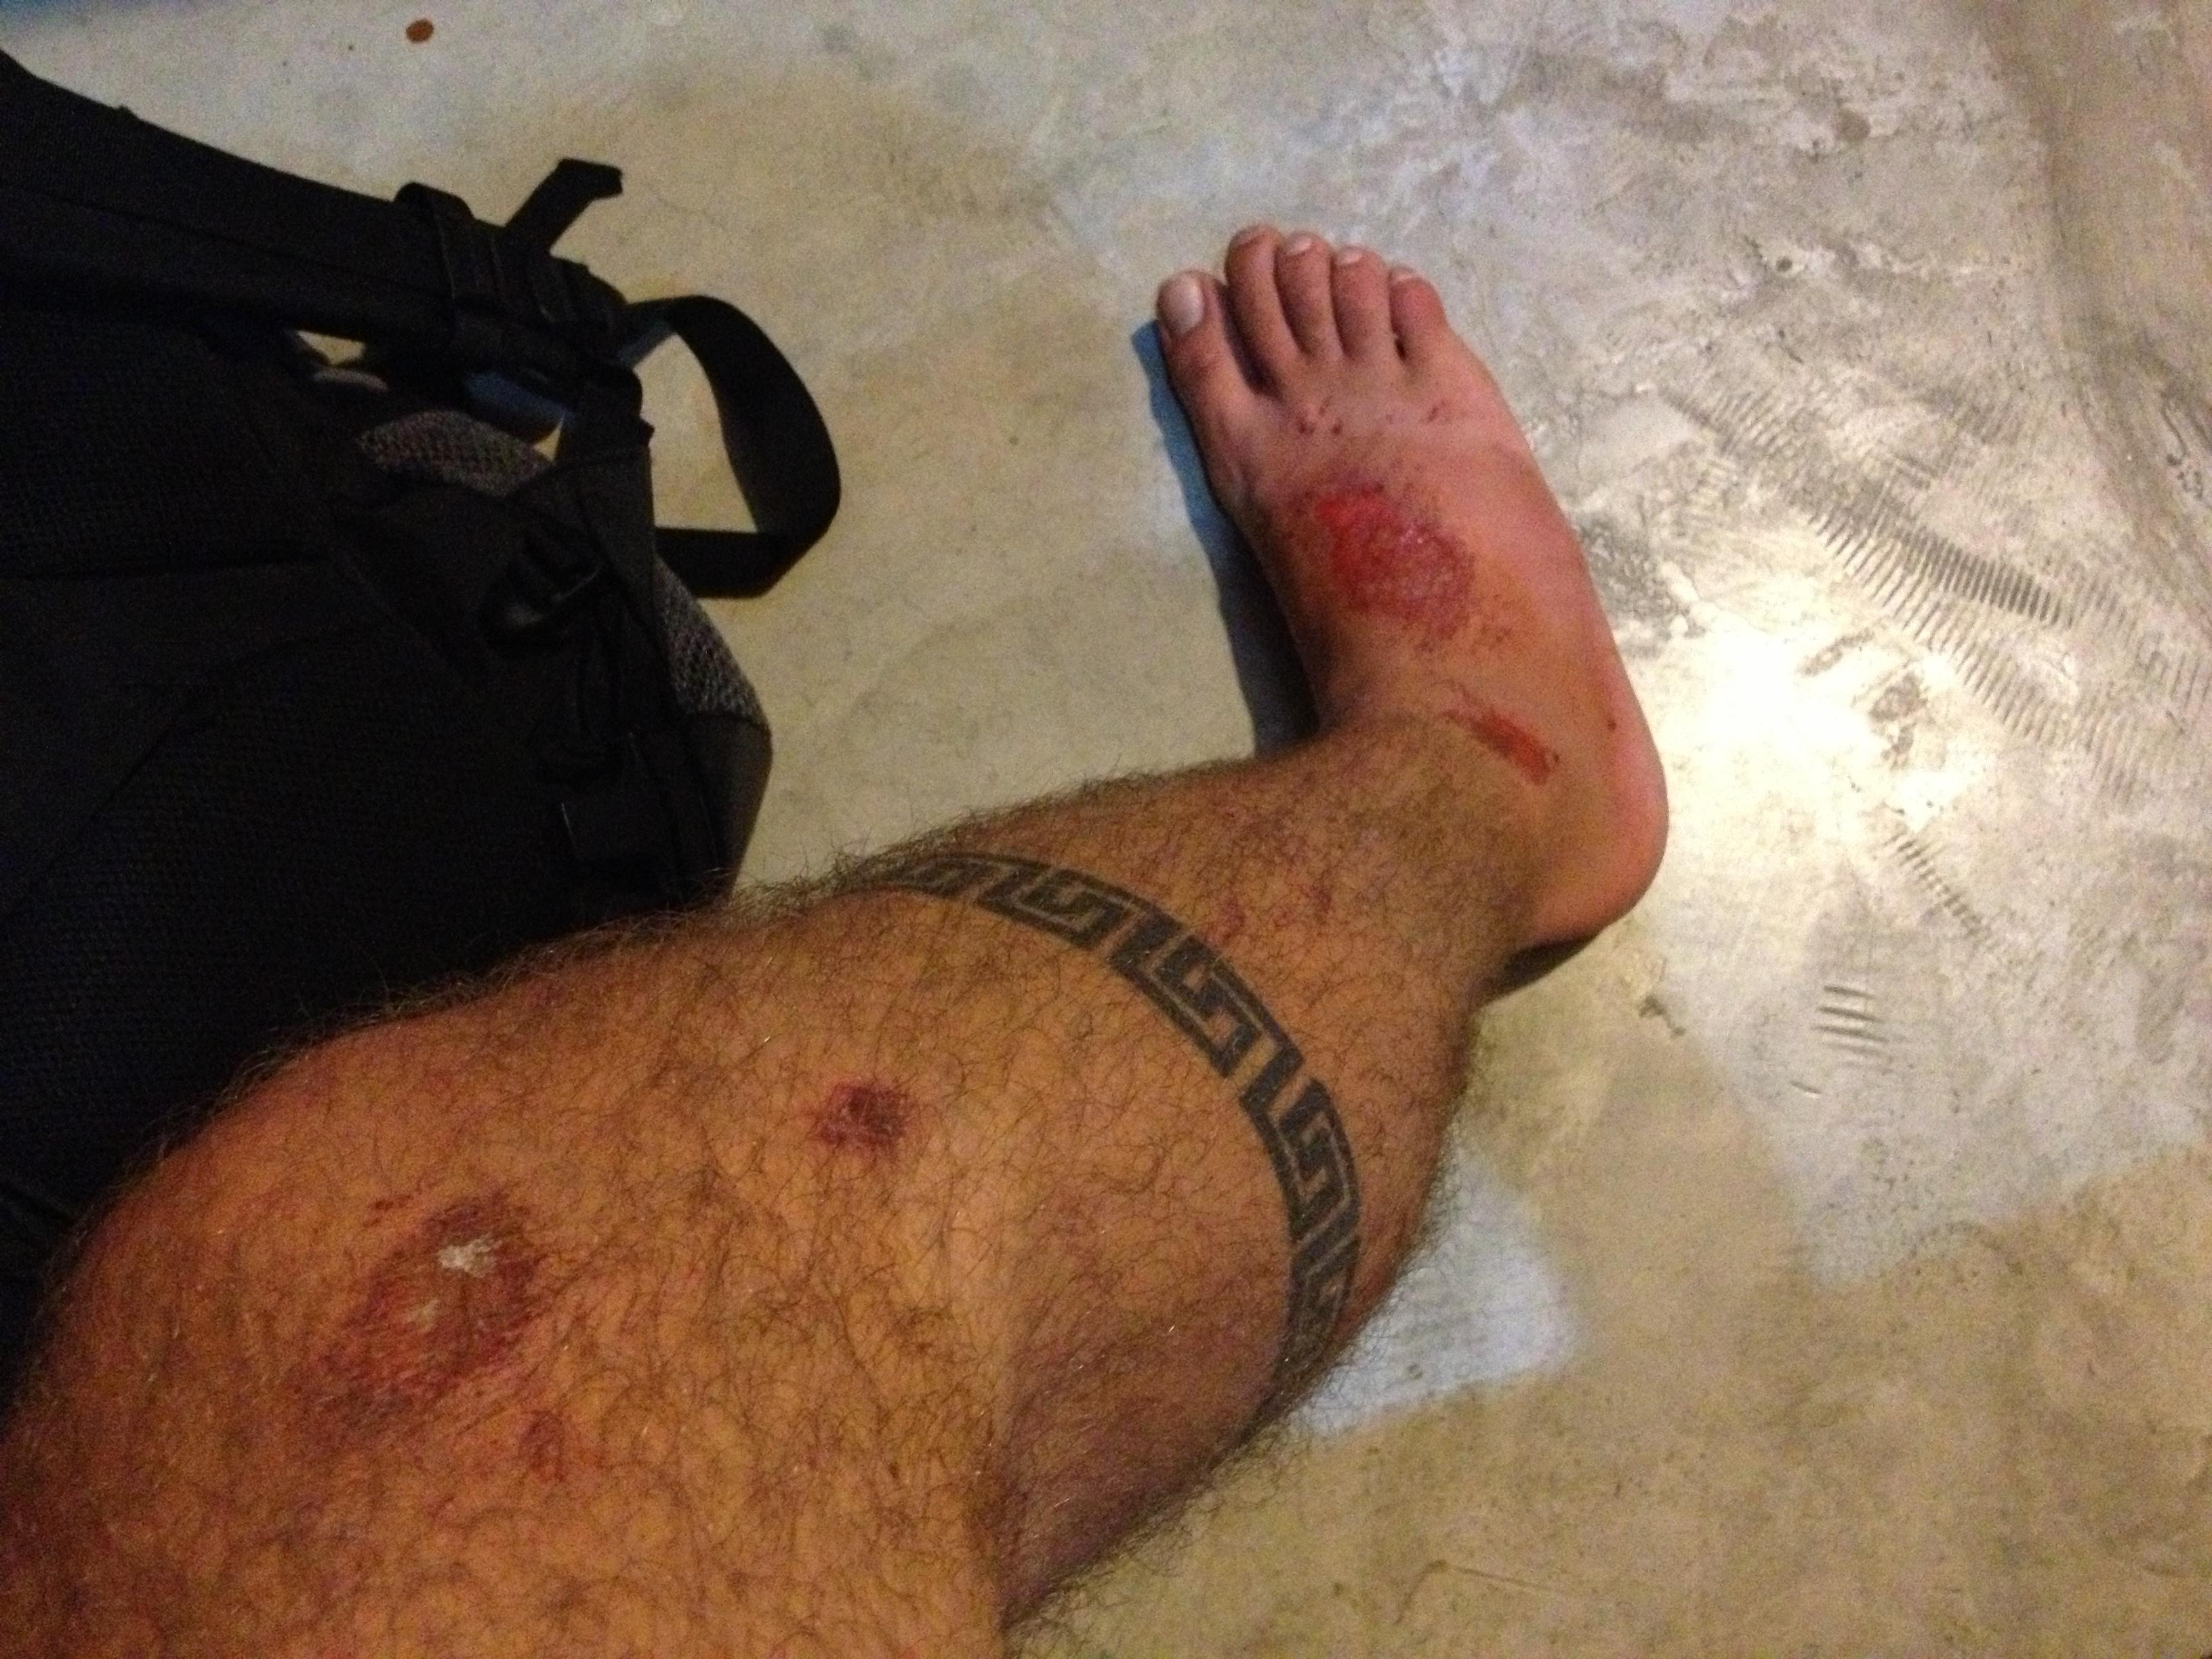 cuts on leg